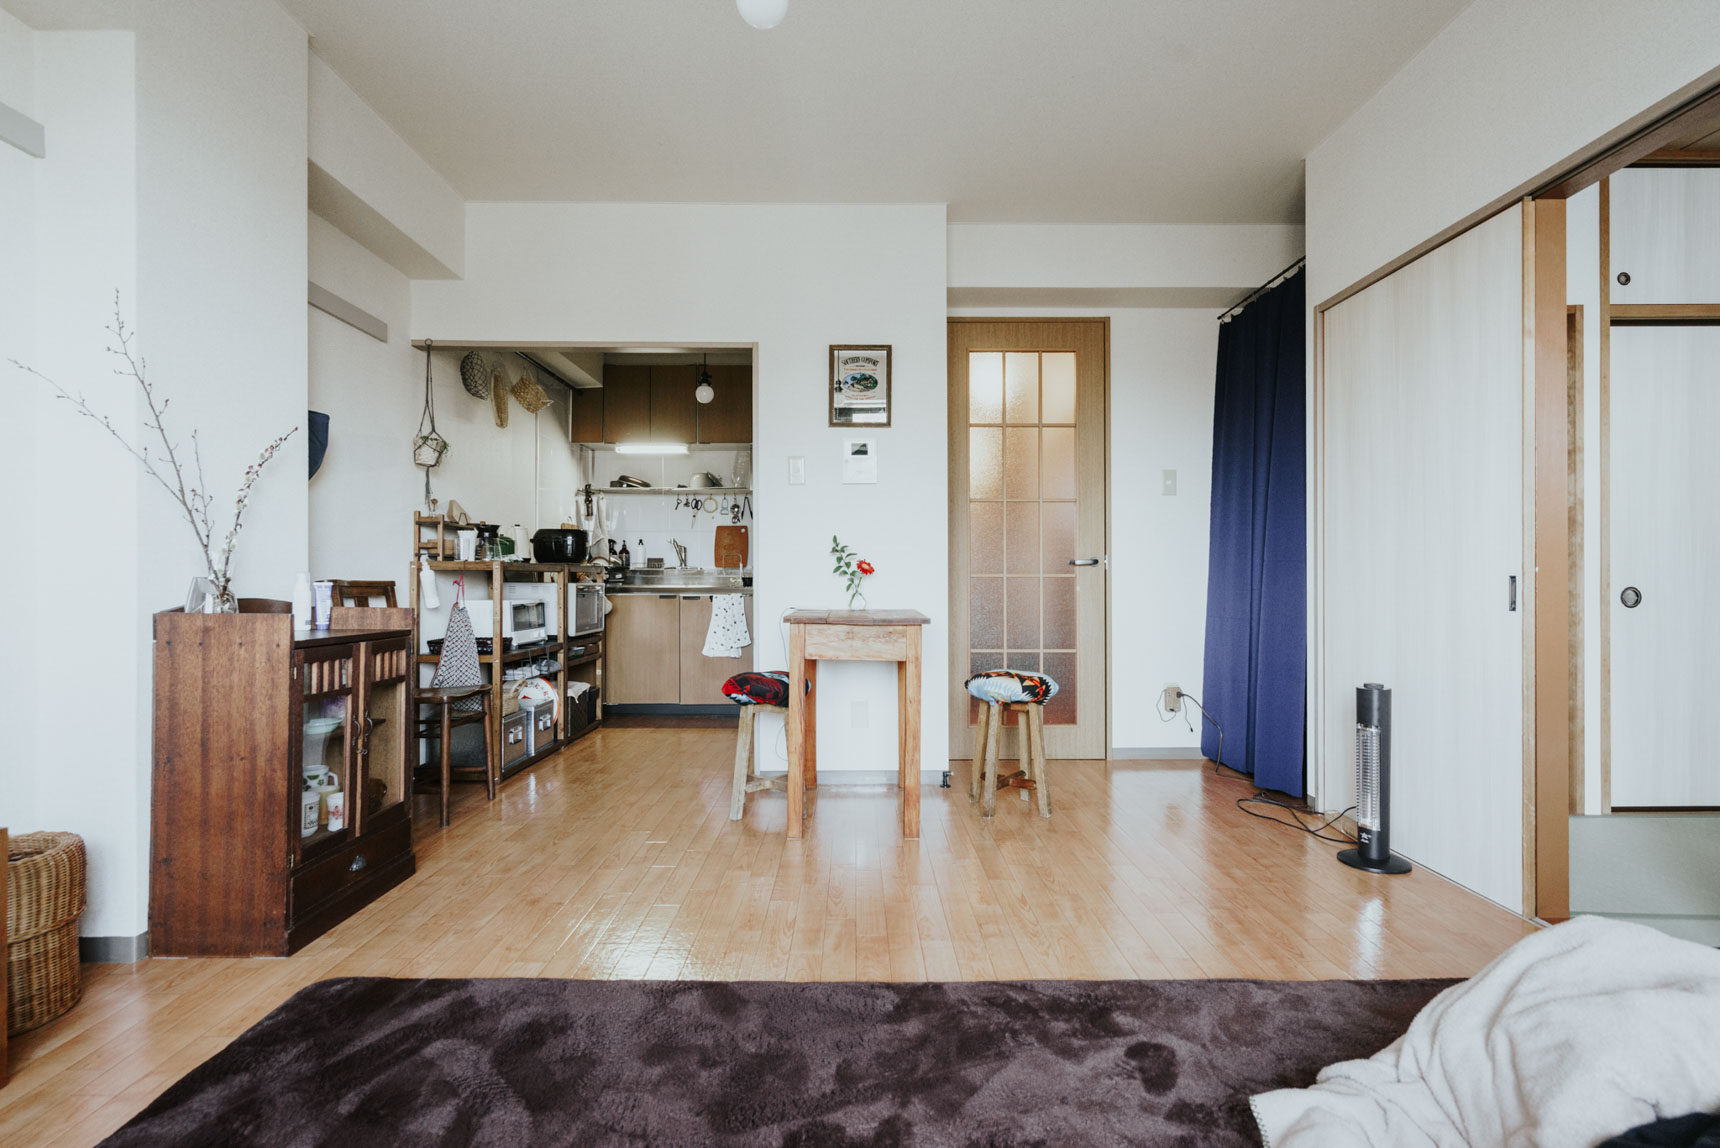 こちらのお部屋もあえてアンティーク家具や古道具などで揃えられたものが多く並びます。